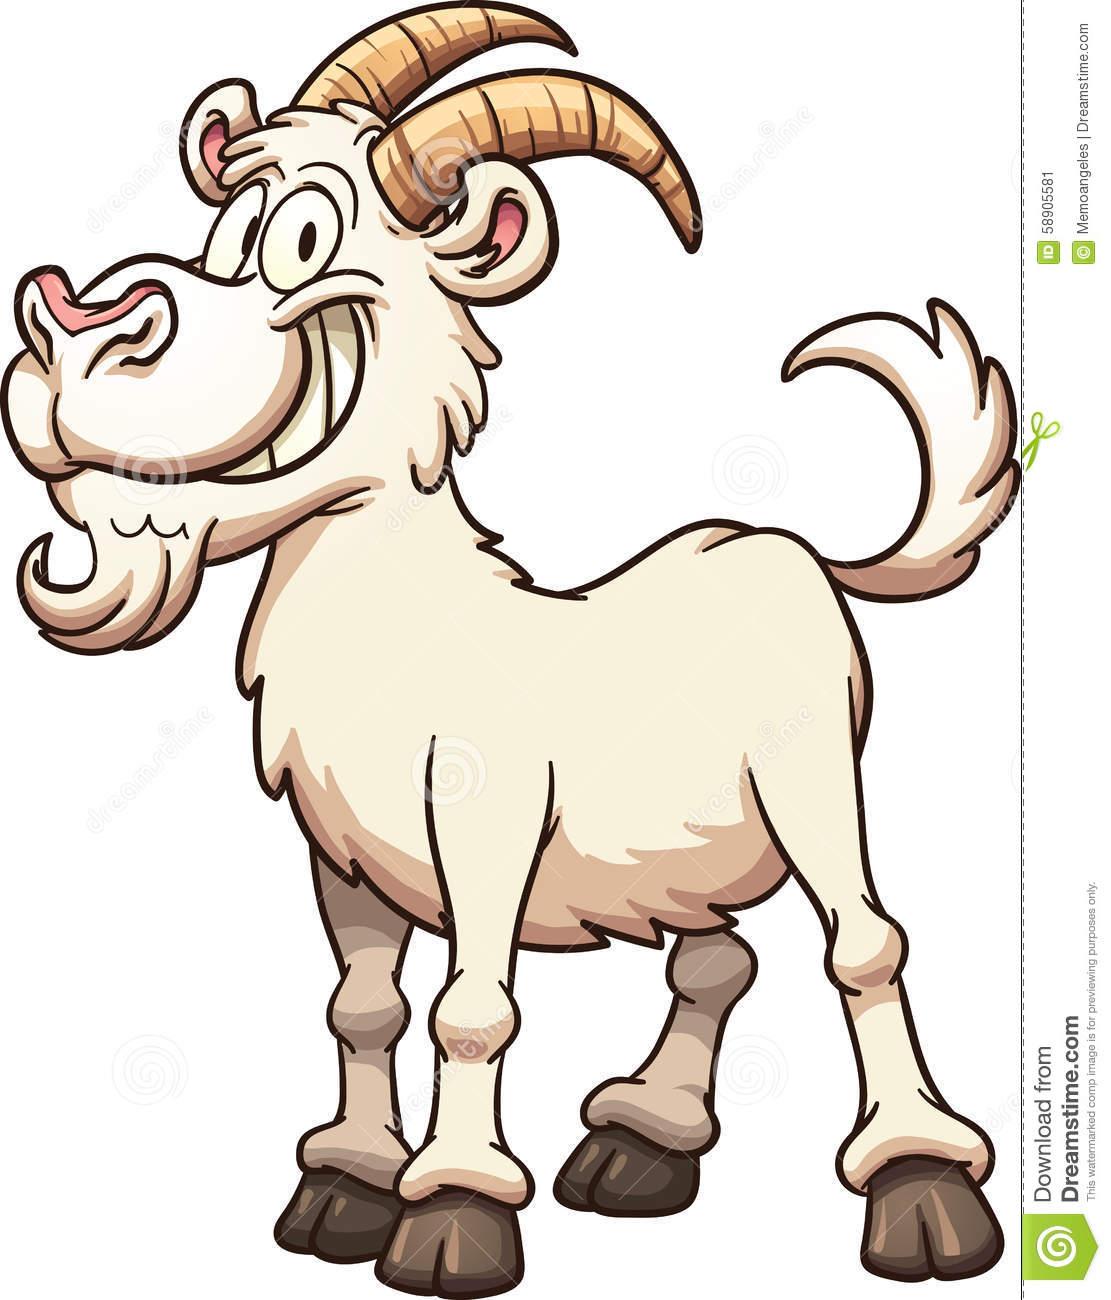 Cartoon goat stock vector. Illustration of vector, illustration.